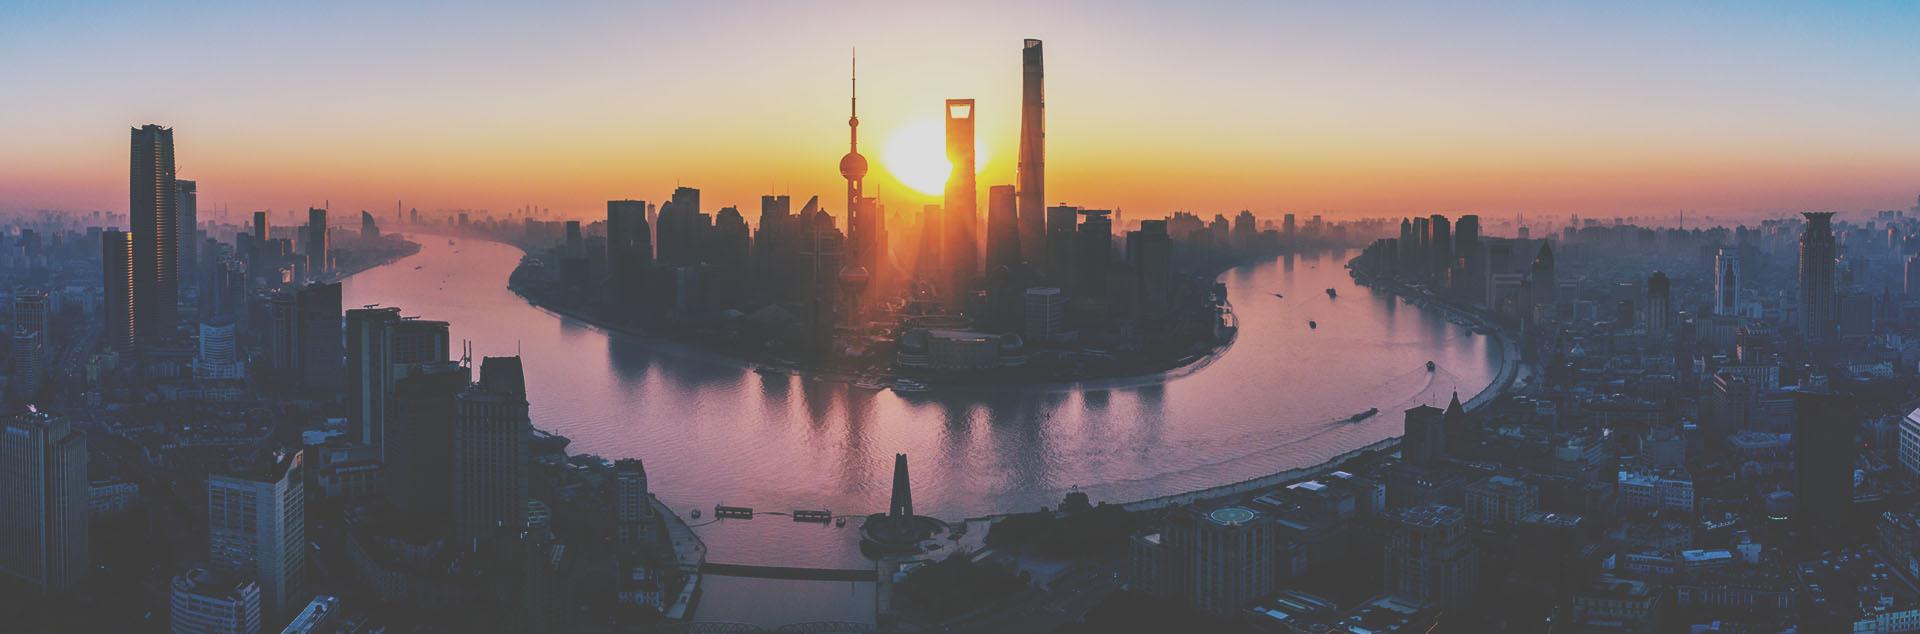 ShanghaiHeroImage